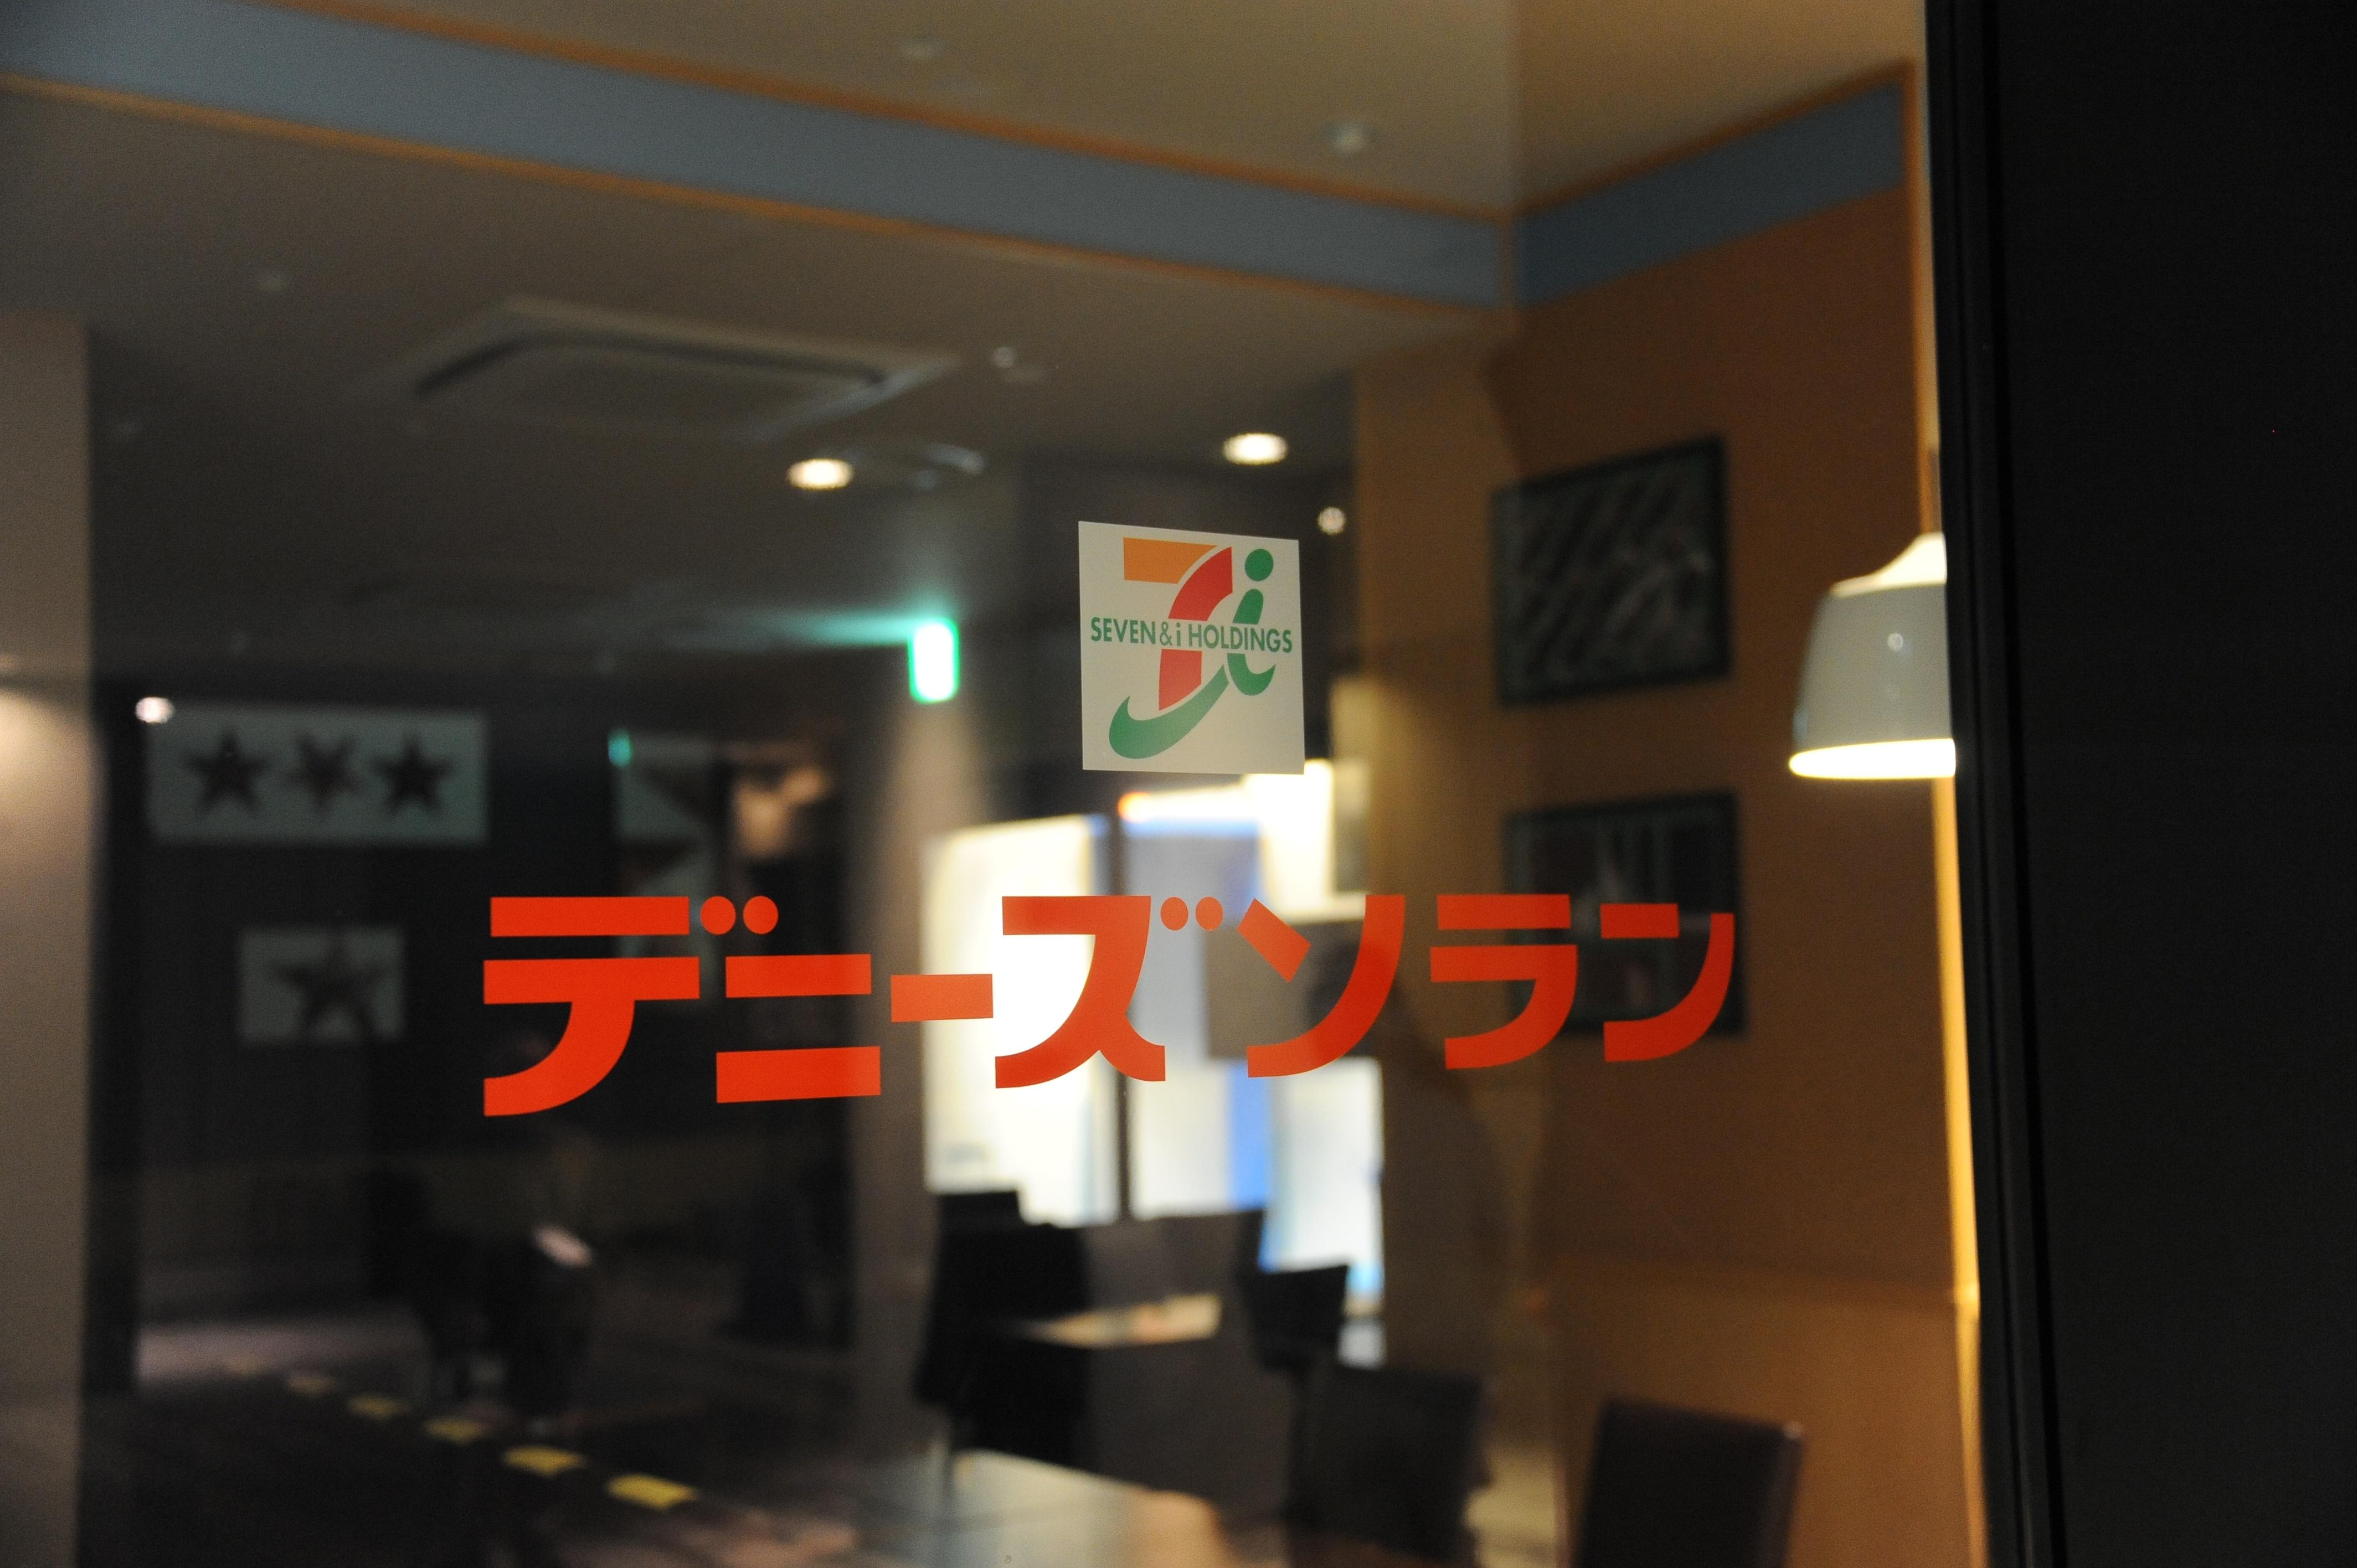 東京スカイツリー 公開前見学会